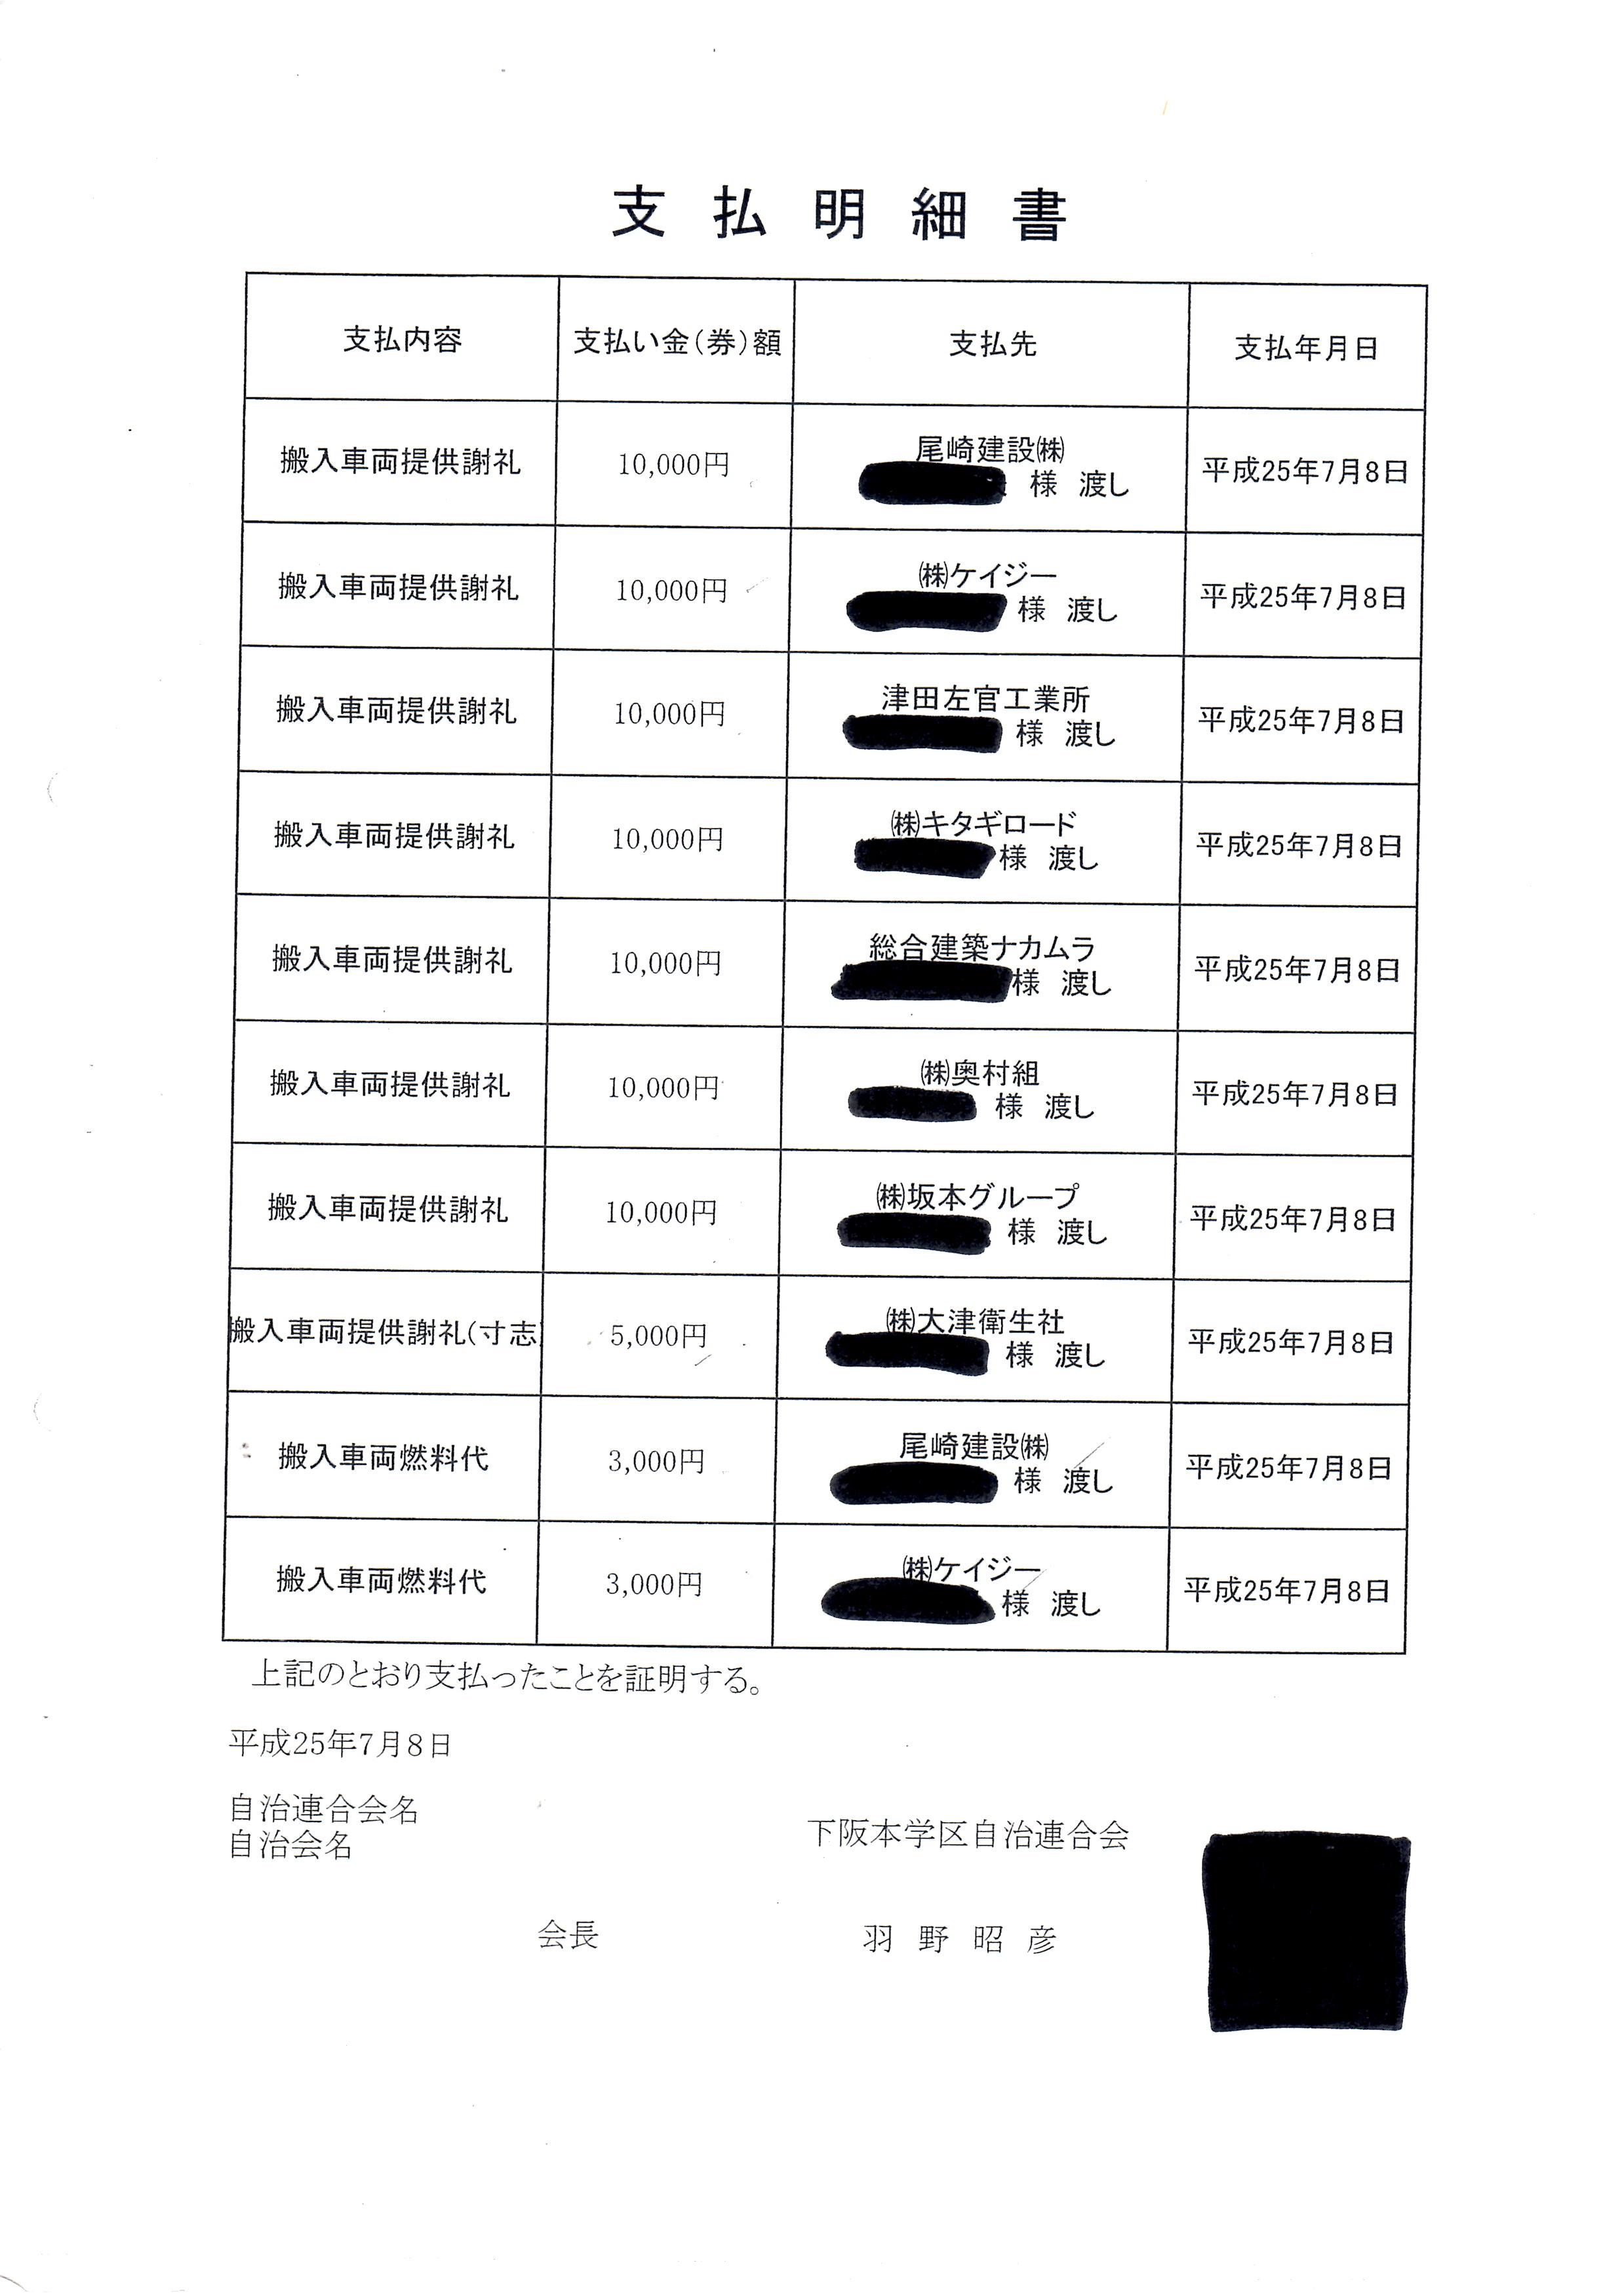 2013年下坂本学区/支払一覧